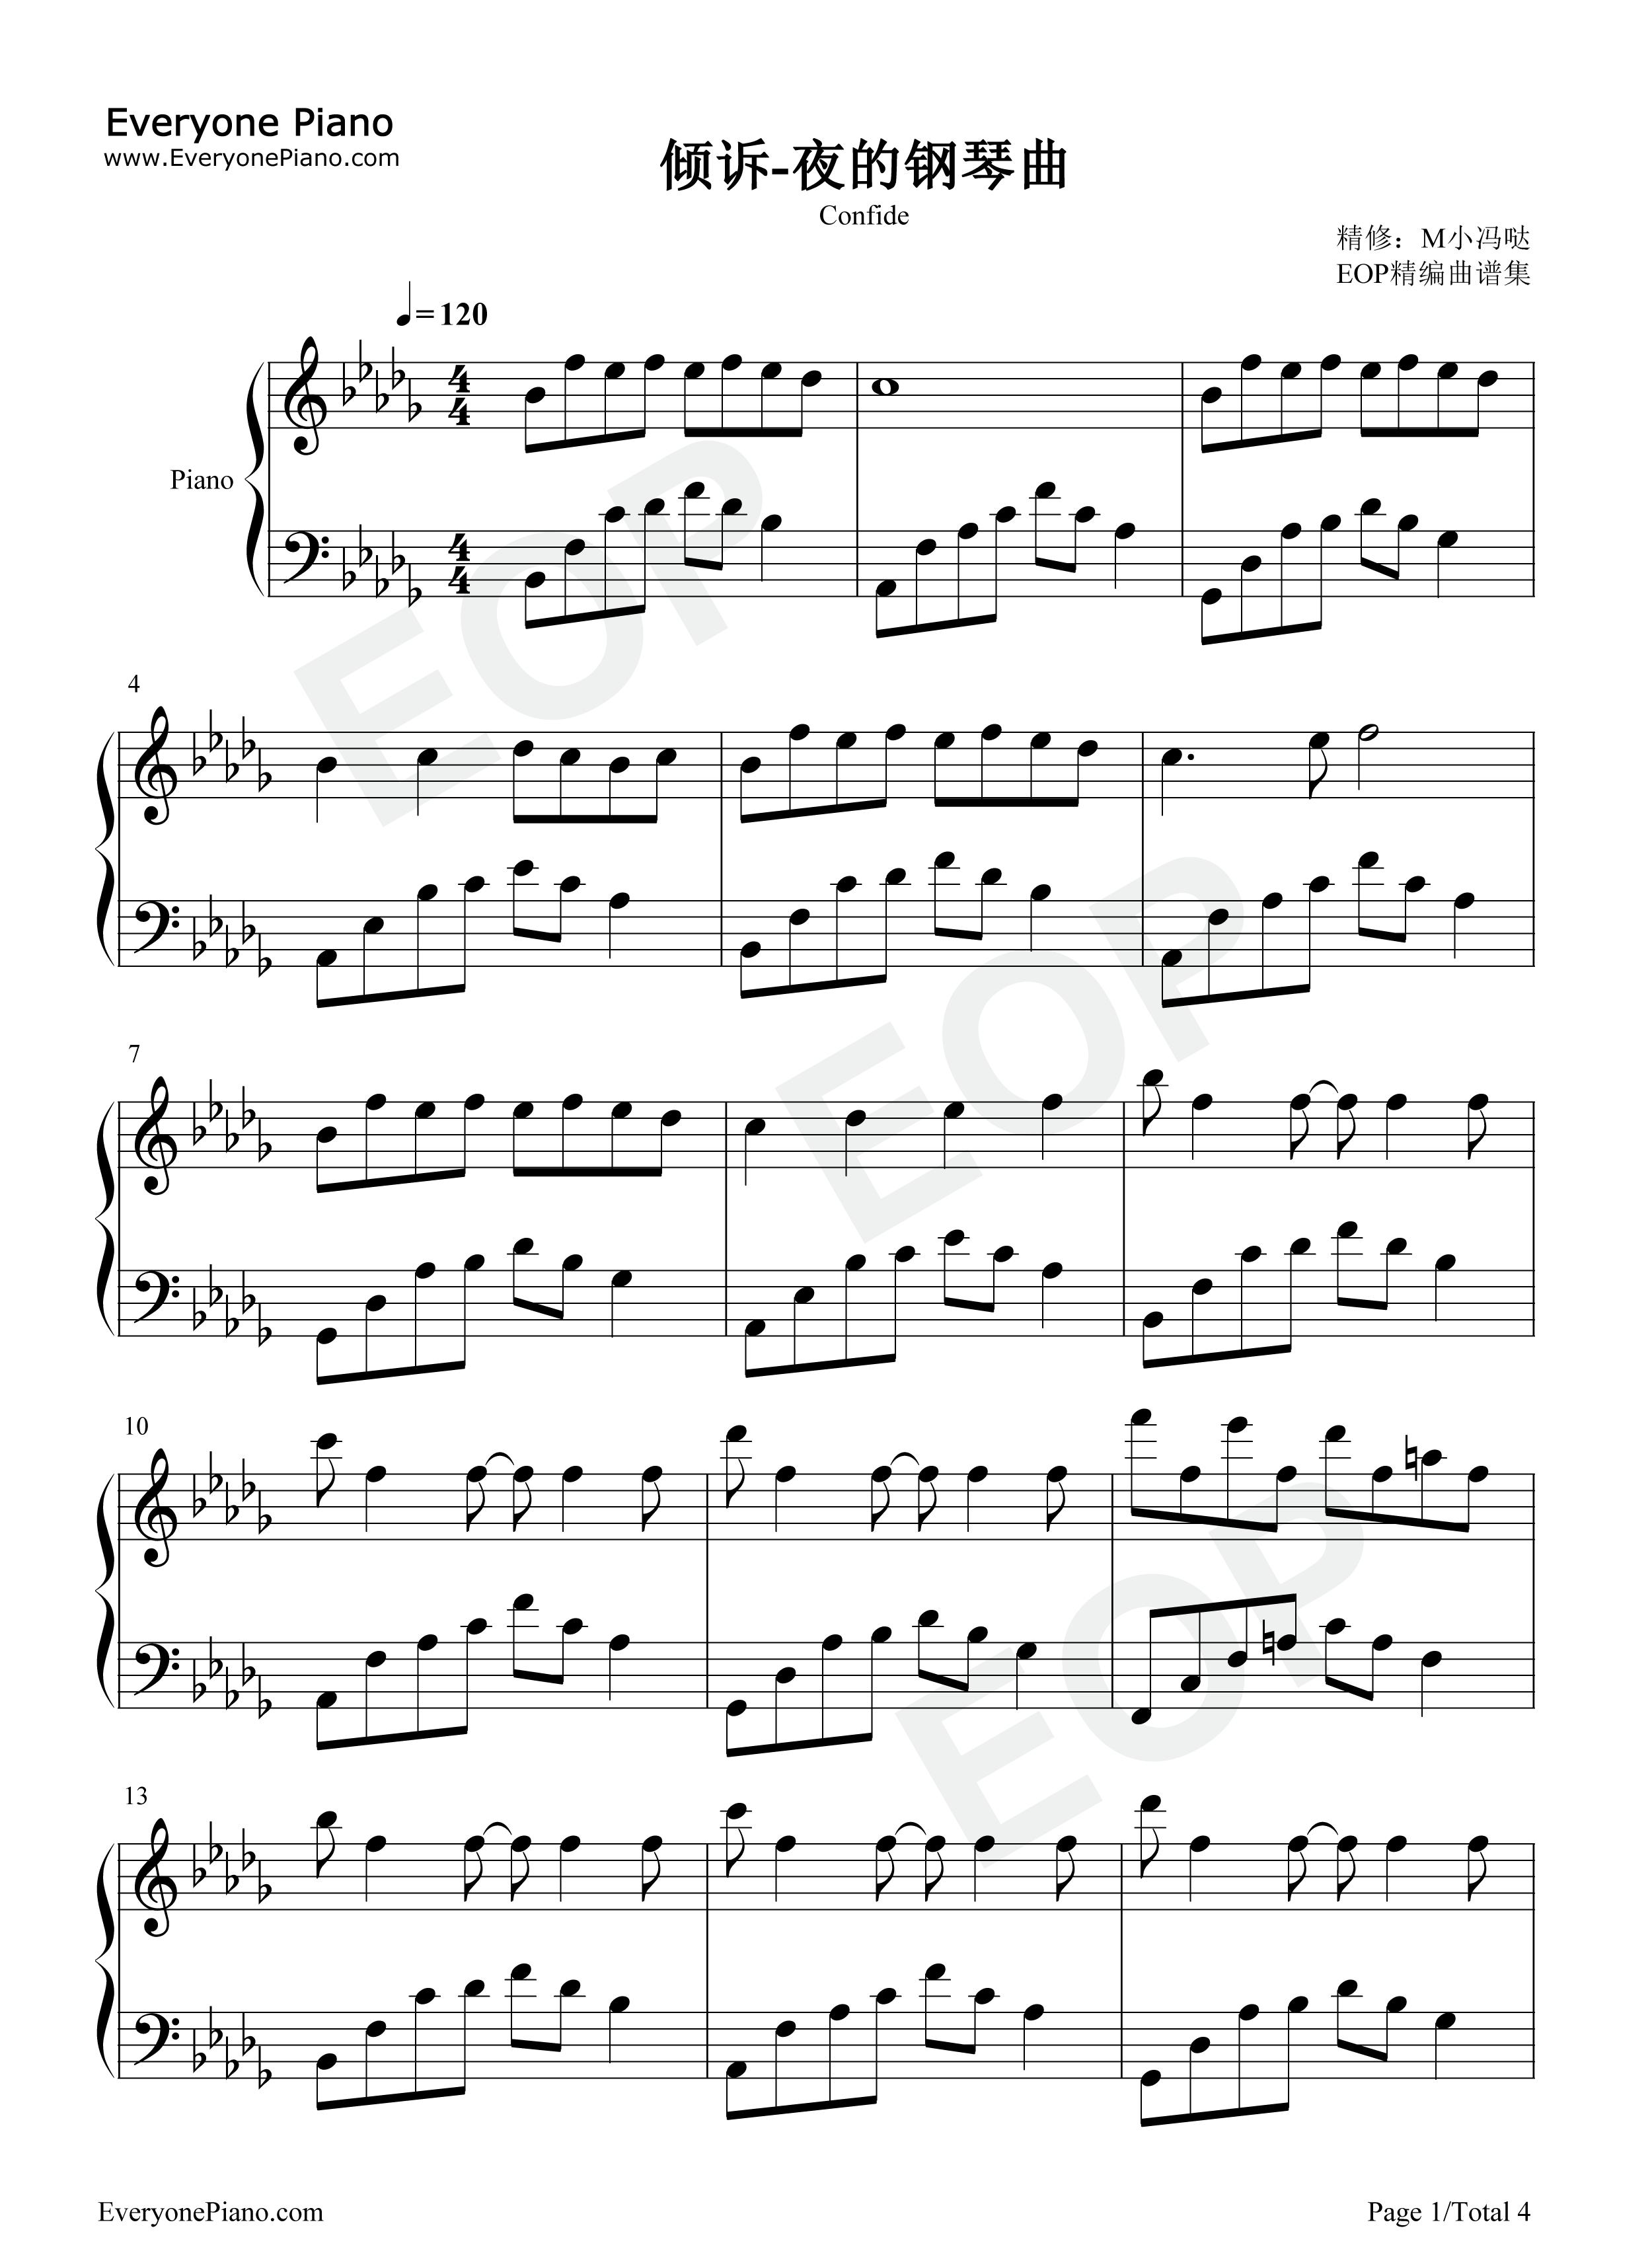 倾诉 夜的钢琴曲 2五线谱预览 EOP在线乐谱架